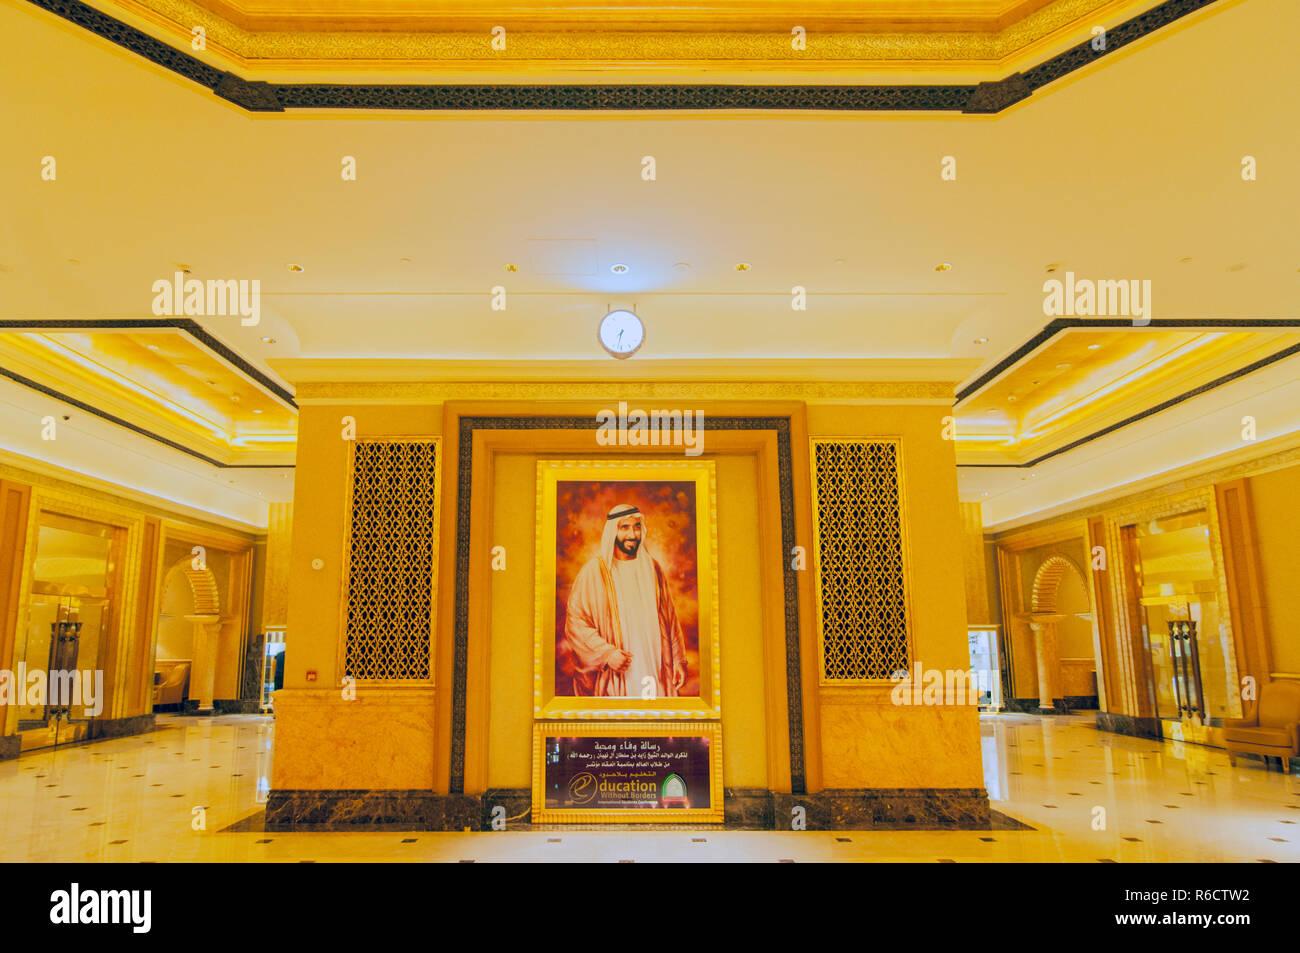 Halle Dekoration Im Emirates Palace Hotel Ein Luxuriöses Und Den